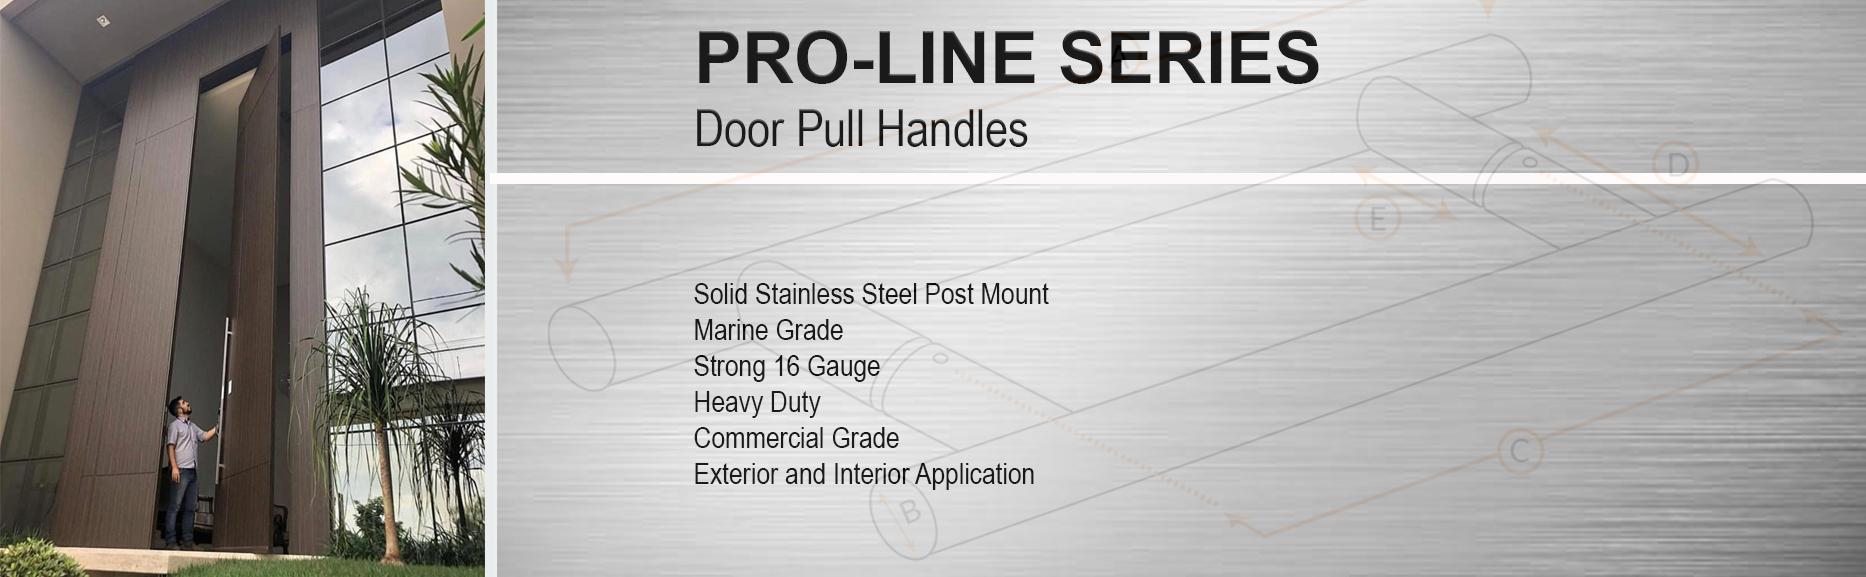 Pro-Line Series Door Pull Handles